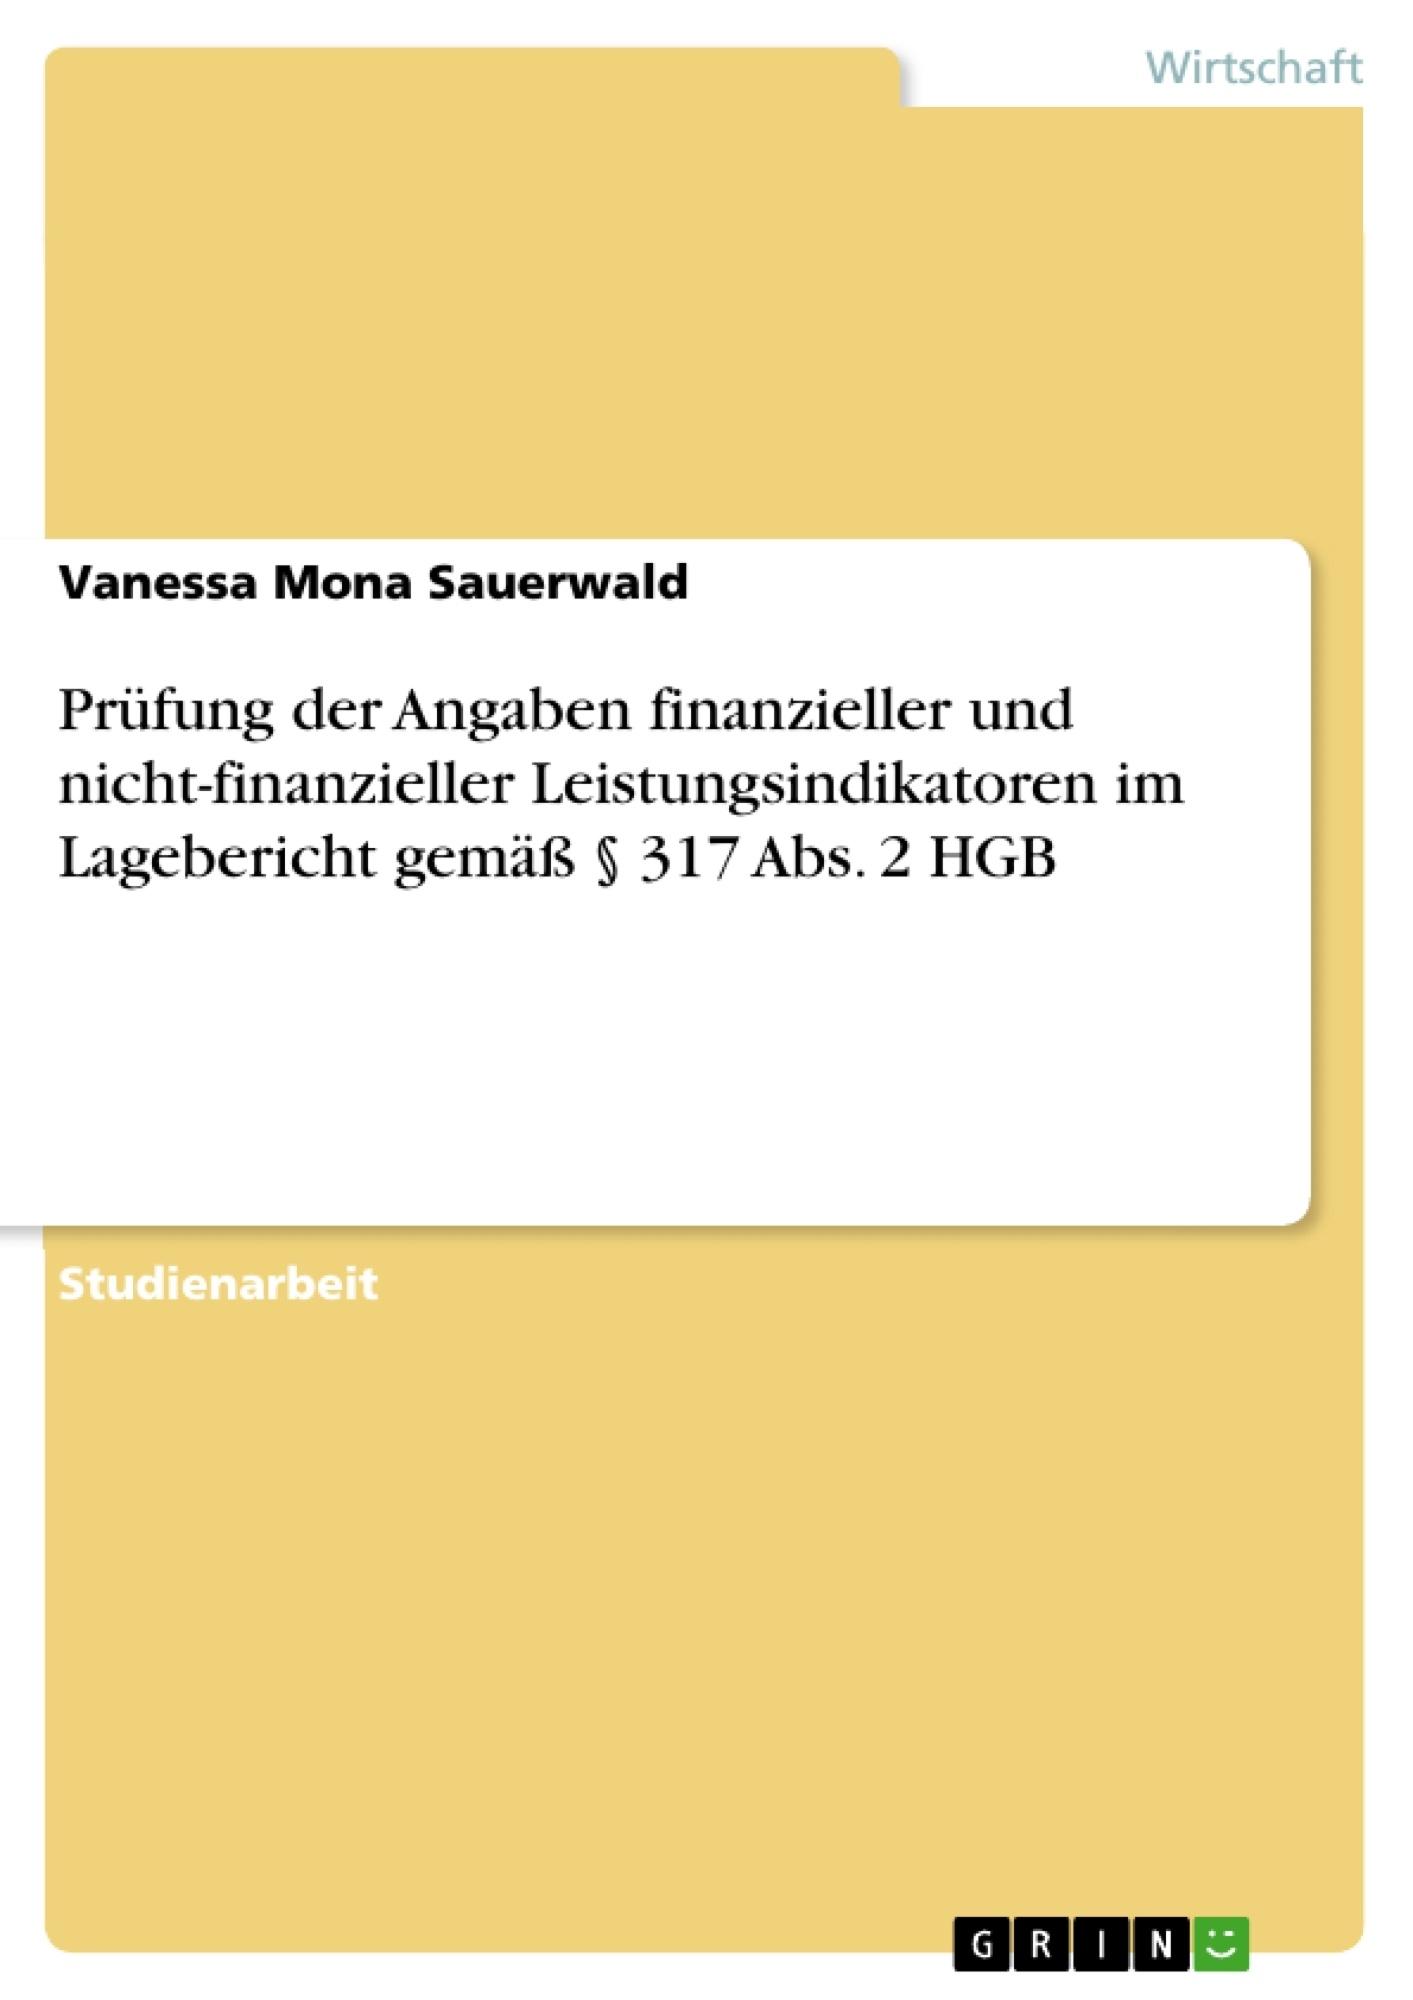 Titel: Prüfung der Angaben finanzieller und nicht-finanzieller Leistungsindikatoren im Lagebericht gemäß § 317 Abs. 2 HGB